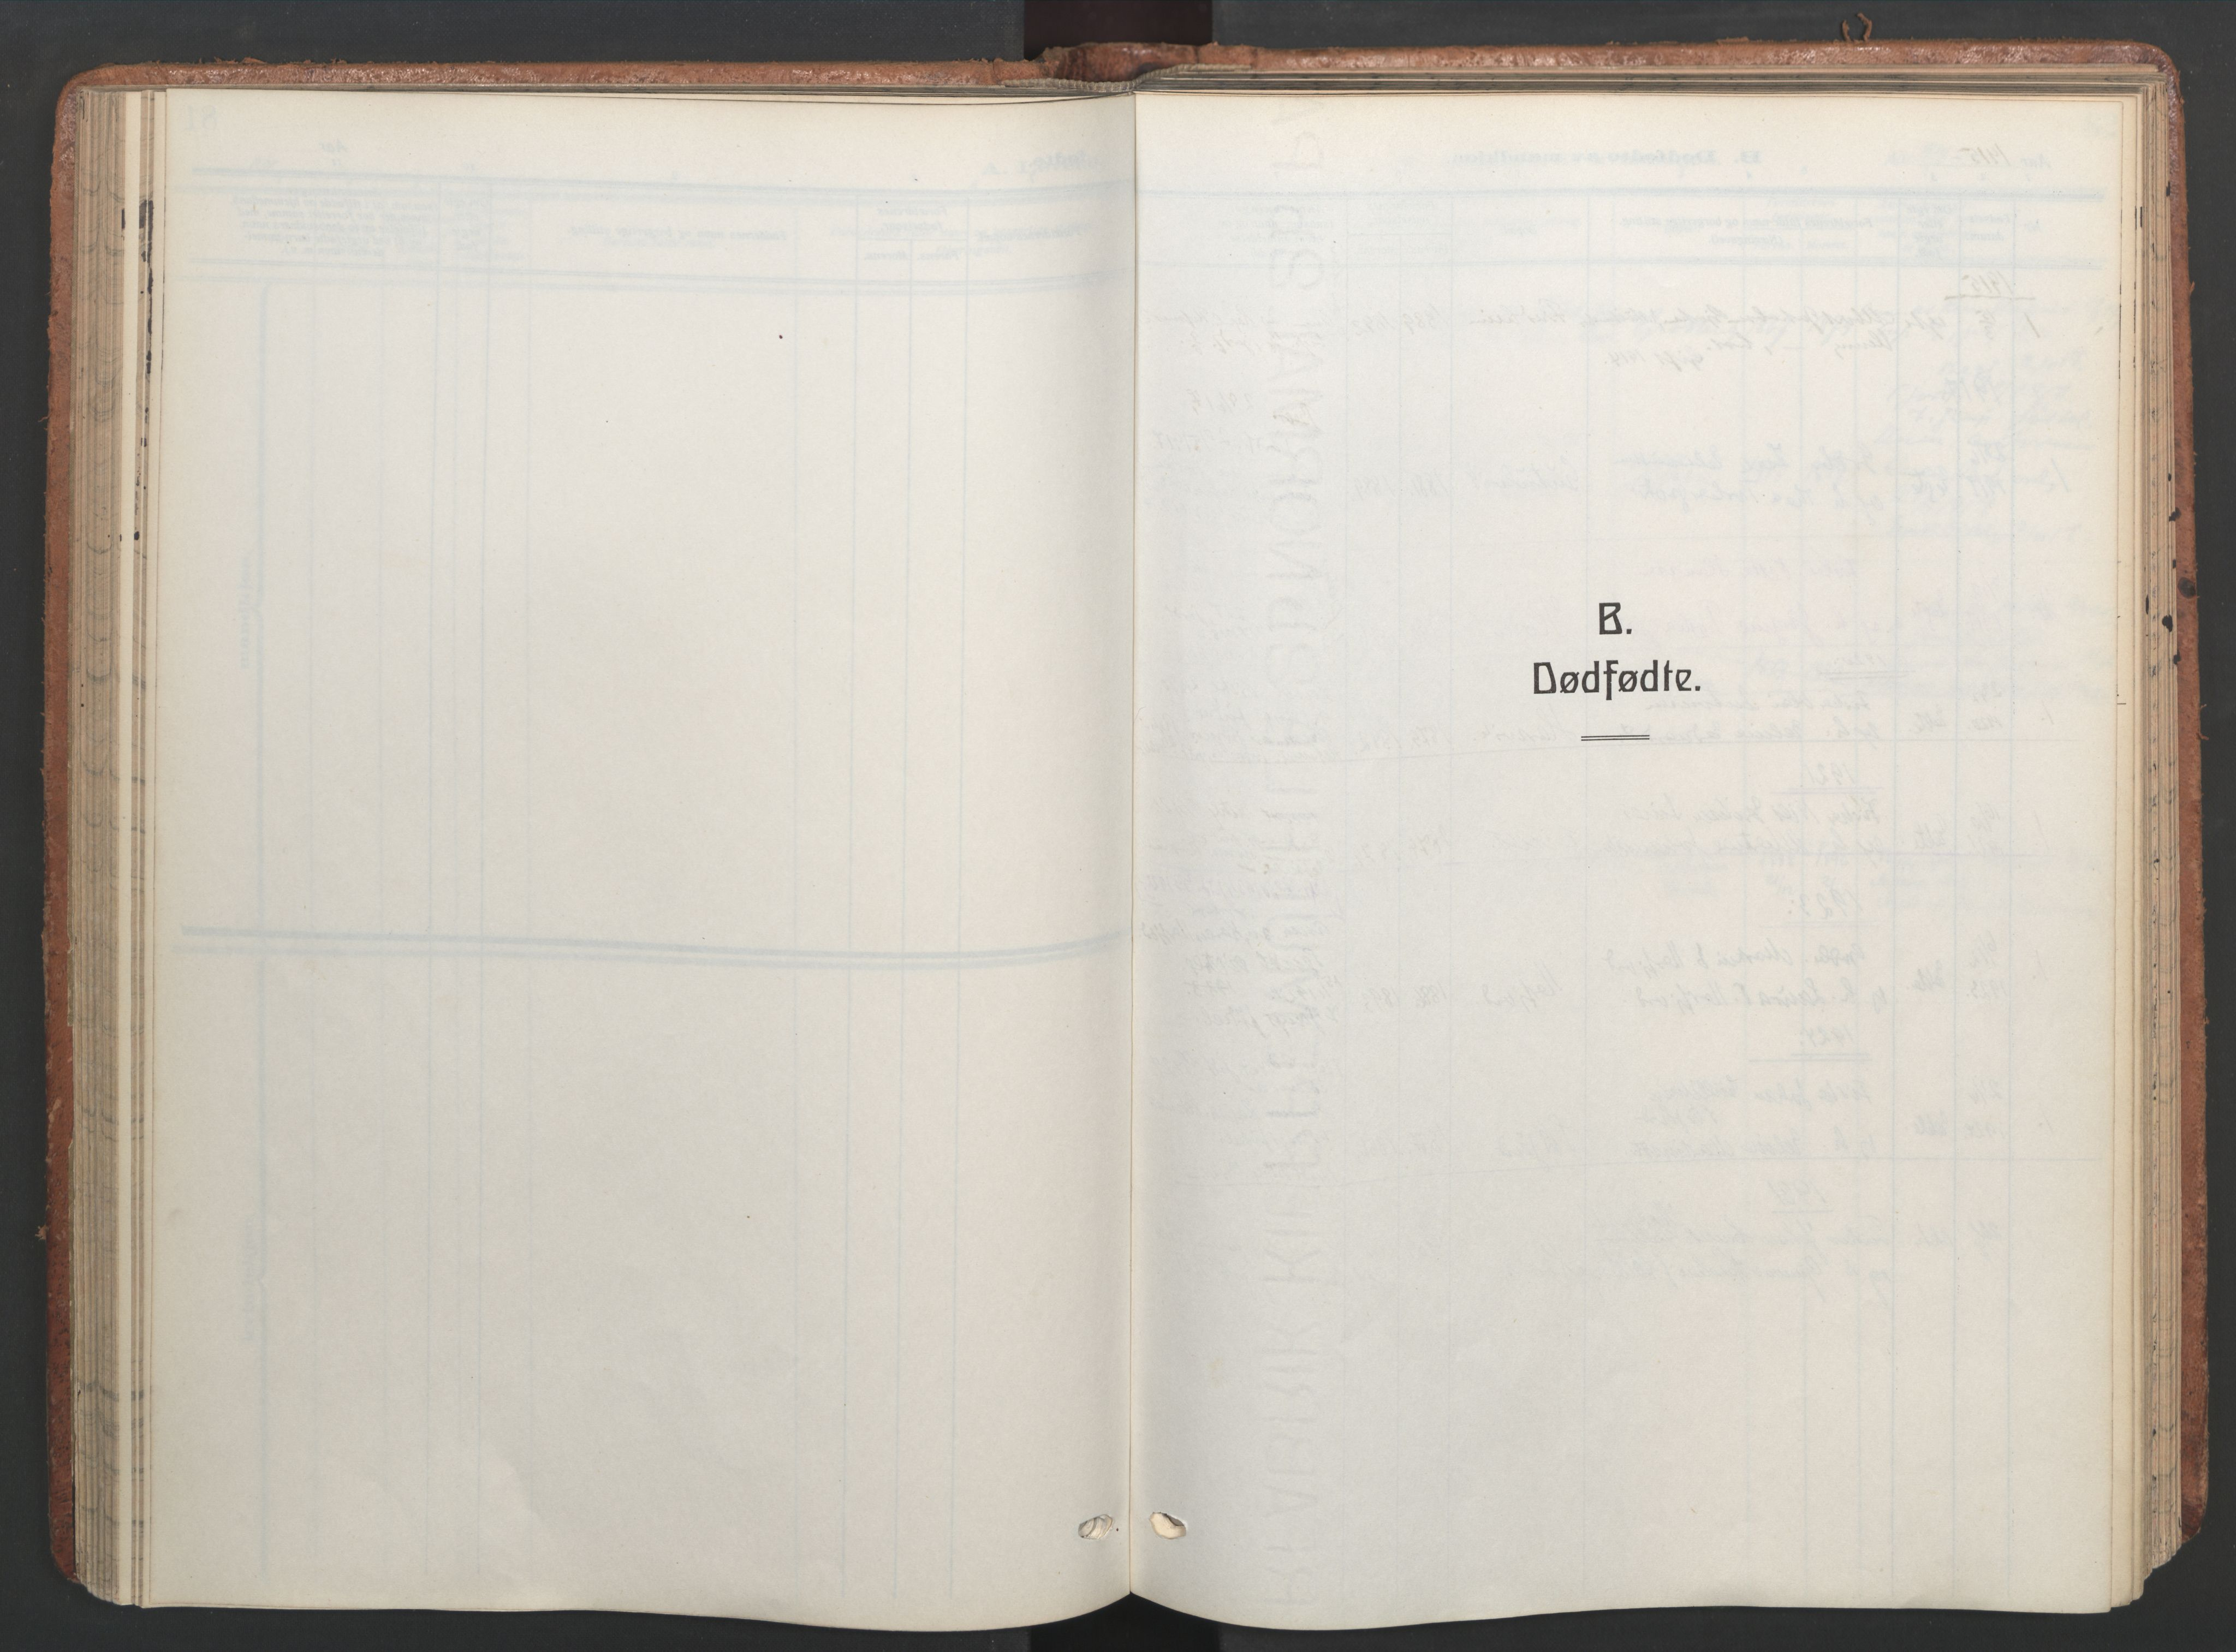 SAT, Ministerialprotokoller, klokkerbøker og fødselsregistre - Sør-Trøndelag, 656/L0694: Ministerialbok nr. 656A03, 1914-1931, s. 70